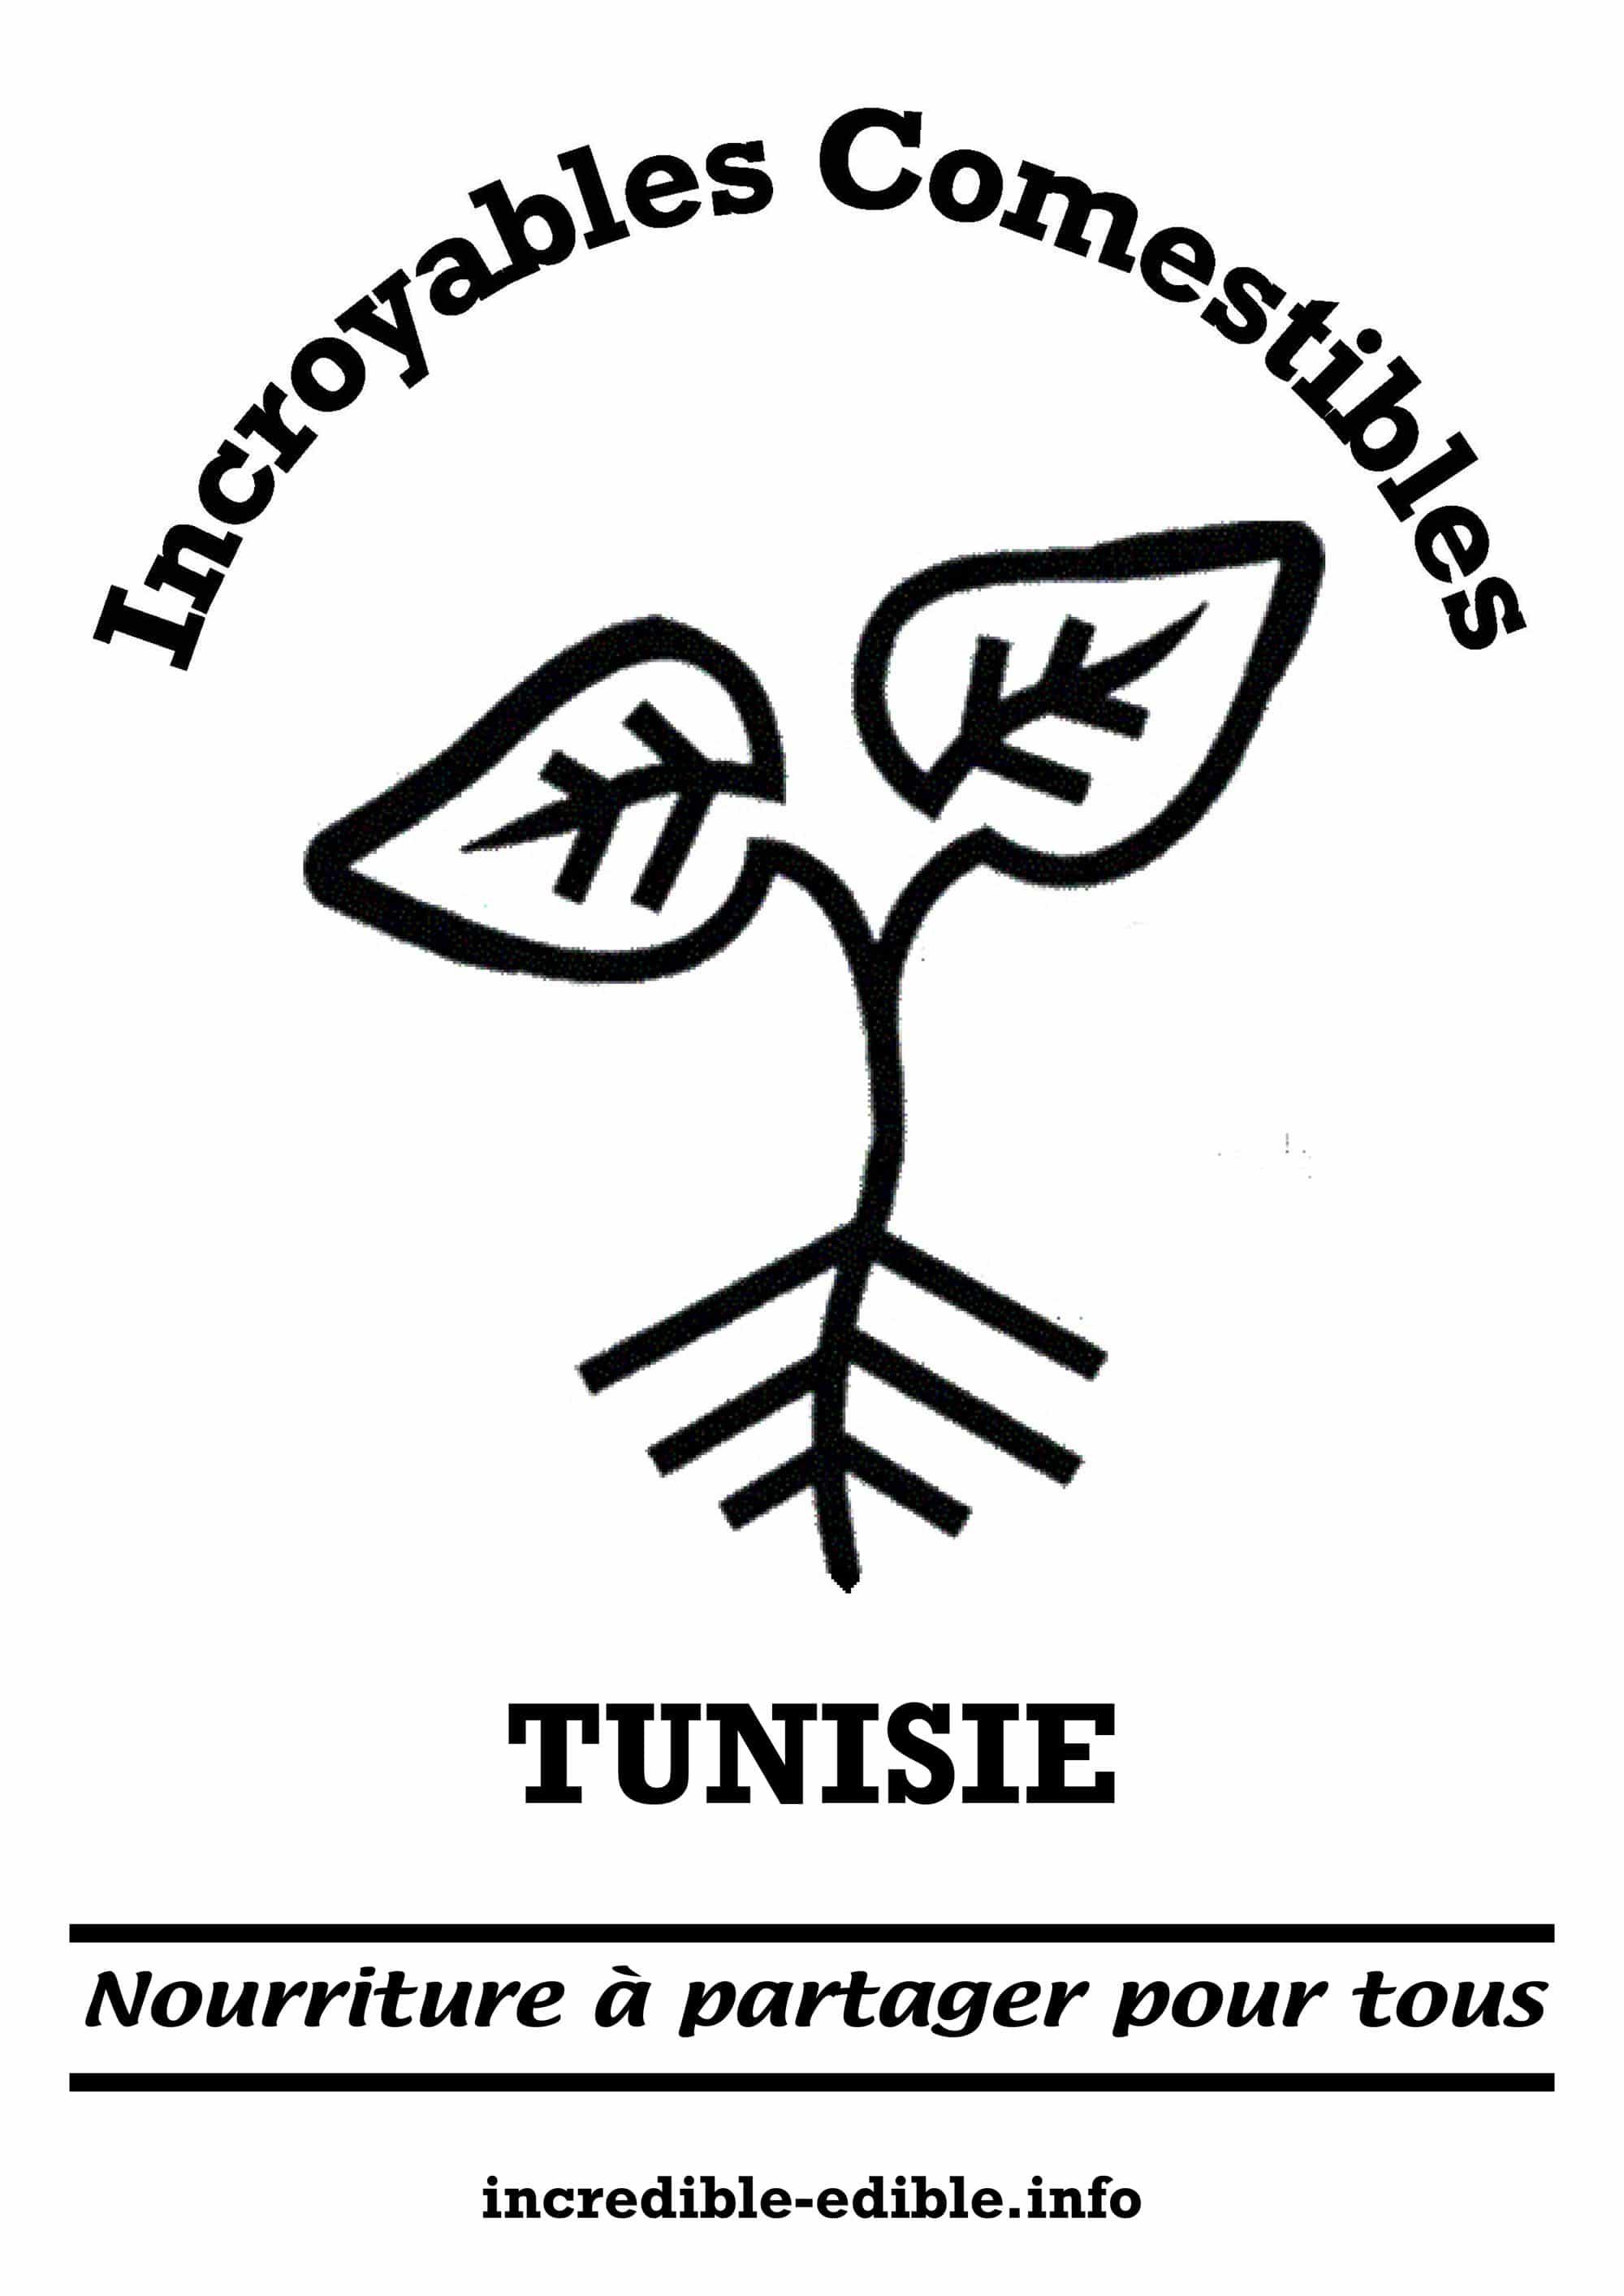 visuel_IC_tunisie_A3_w2000